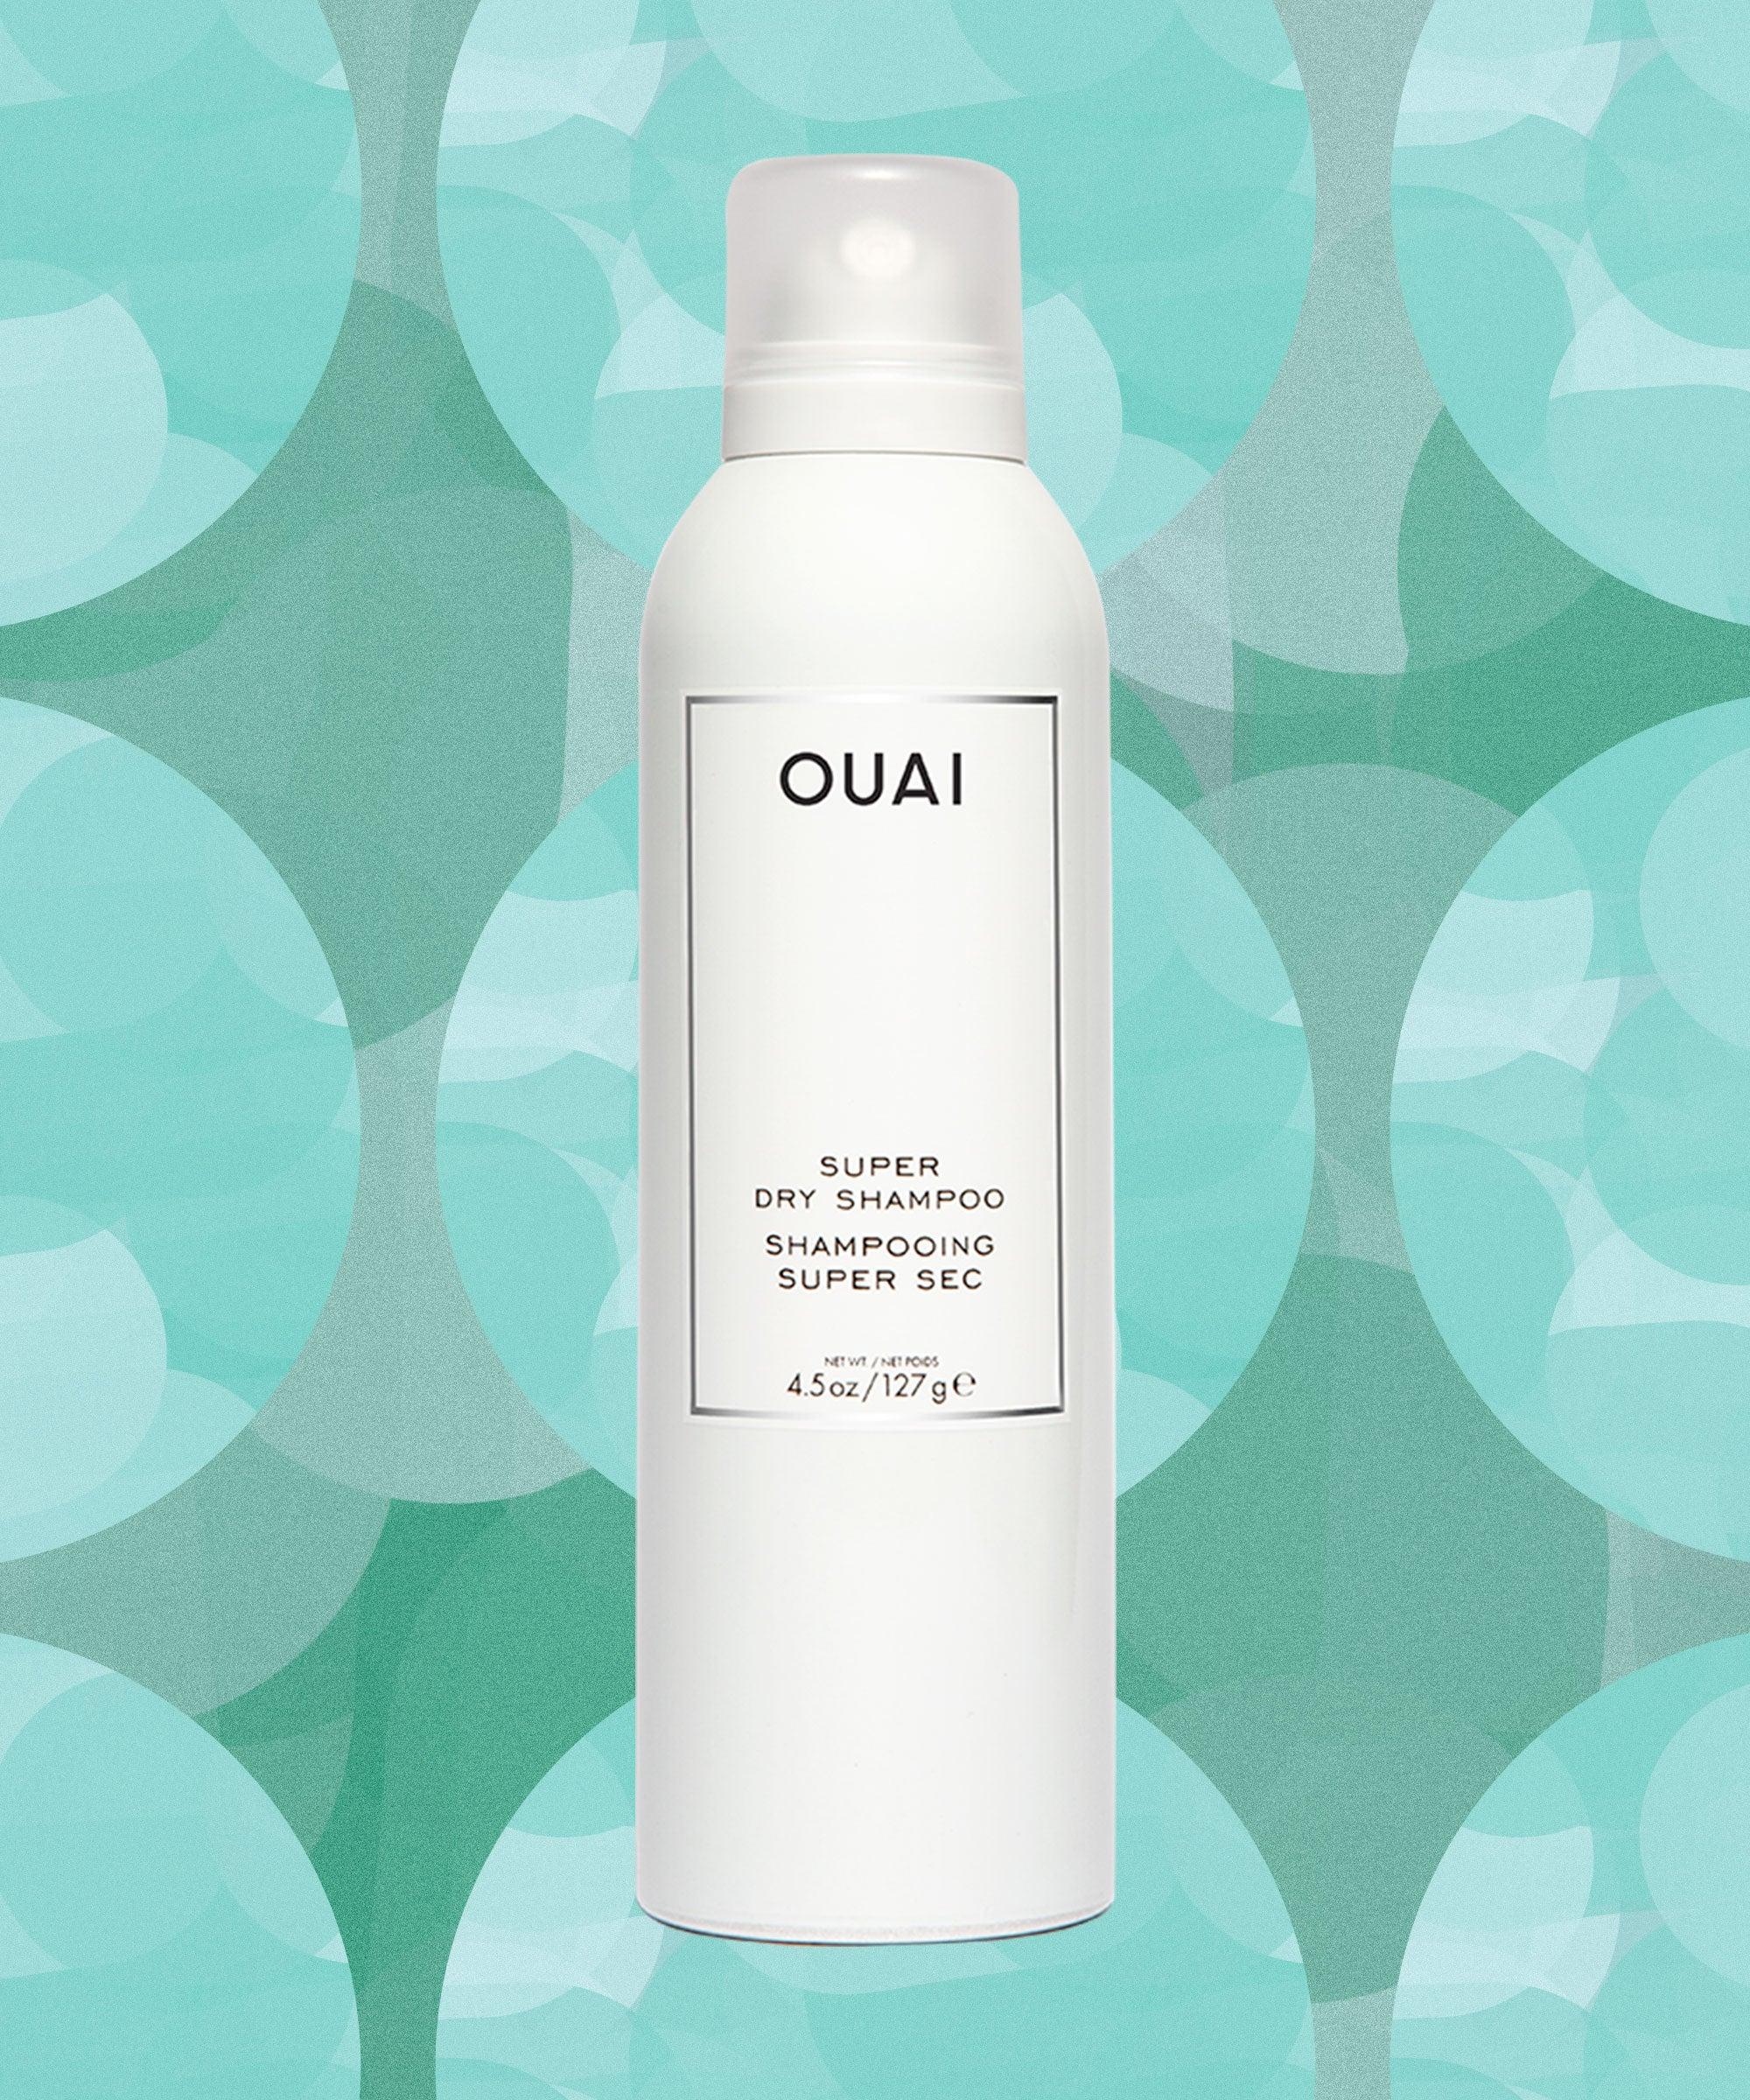 I Tried Ouai's New Dry Shampoo — & It Worked Wonders